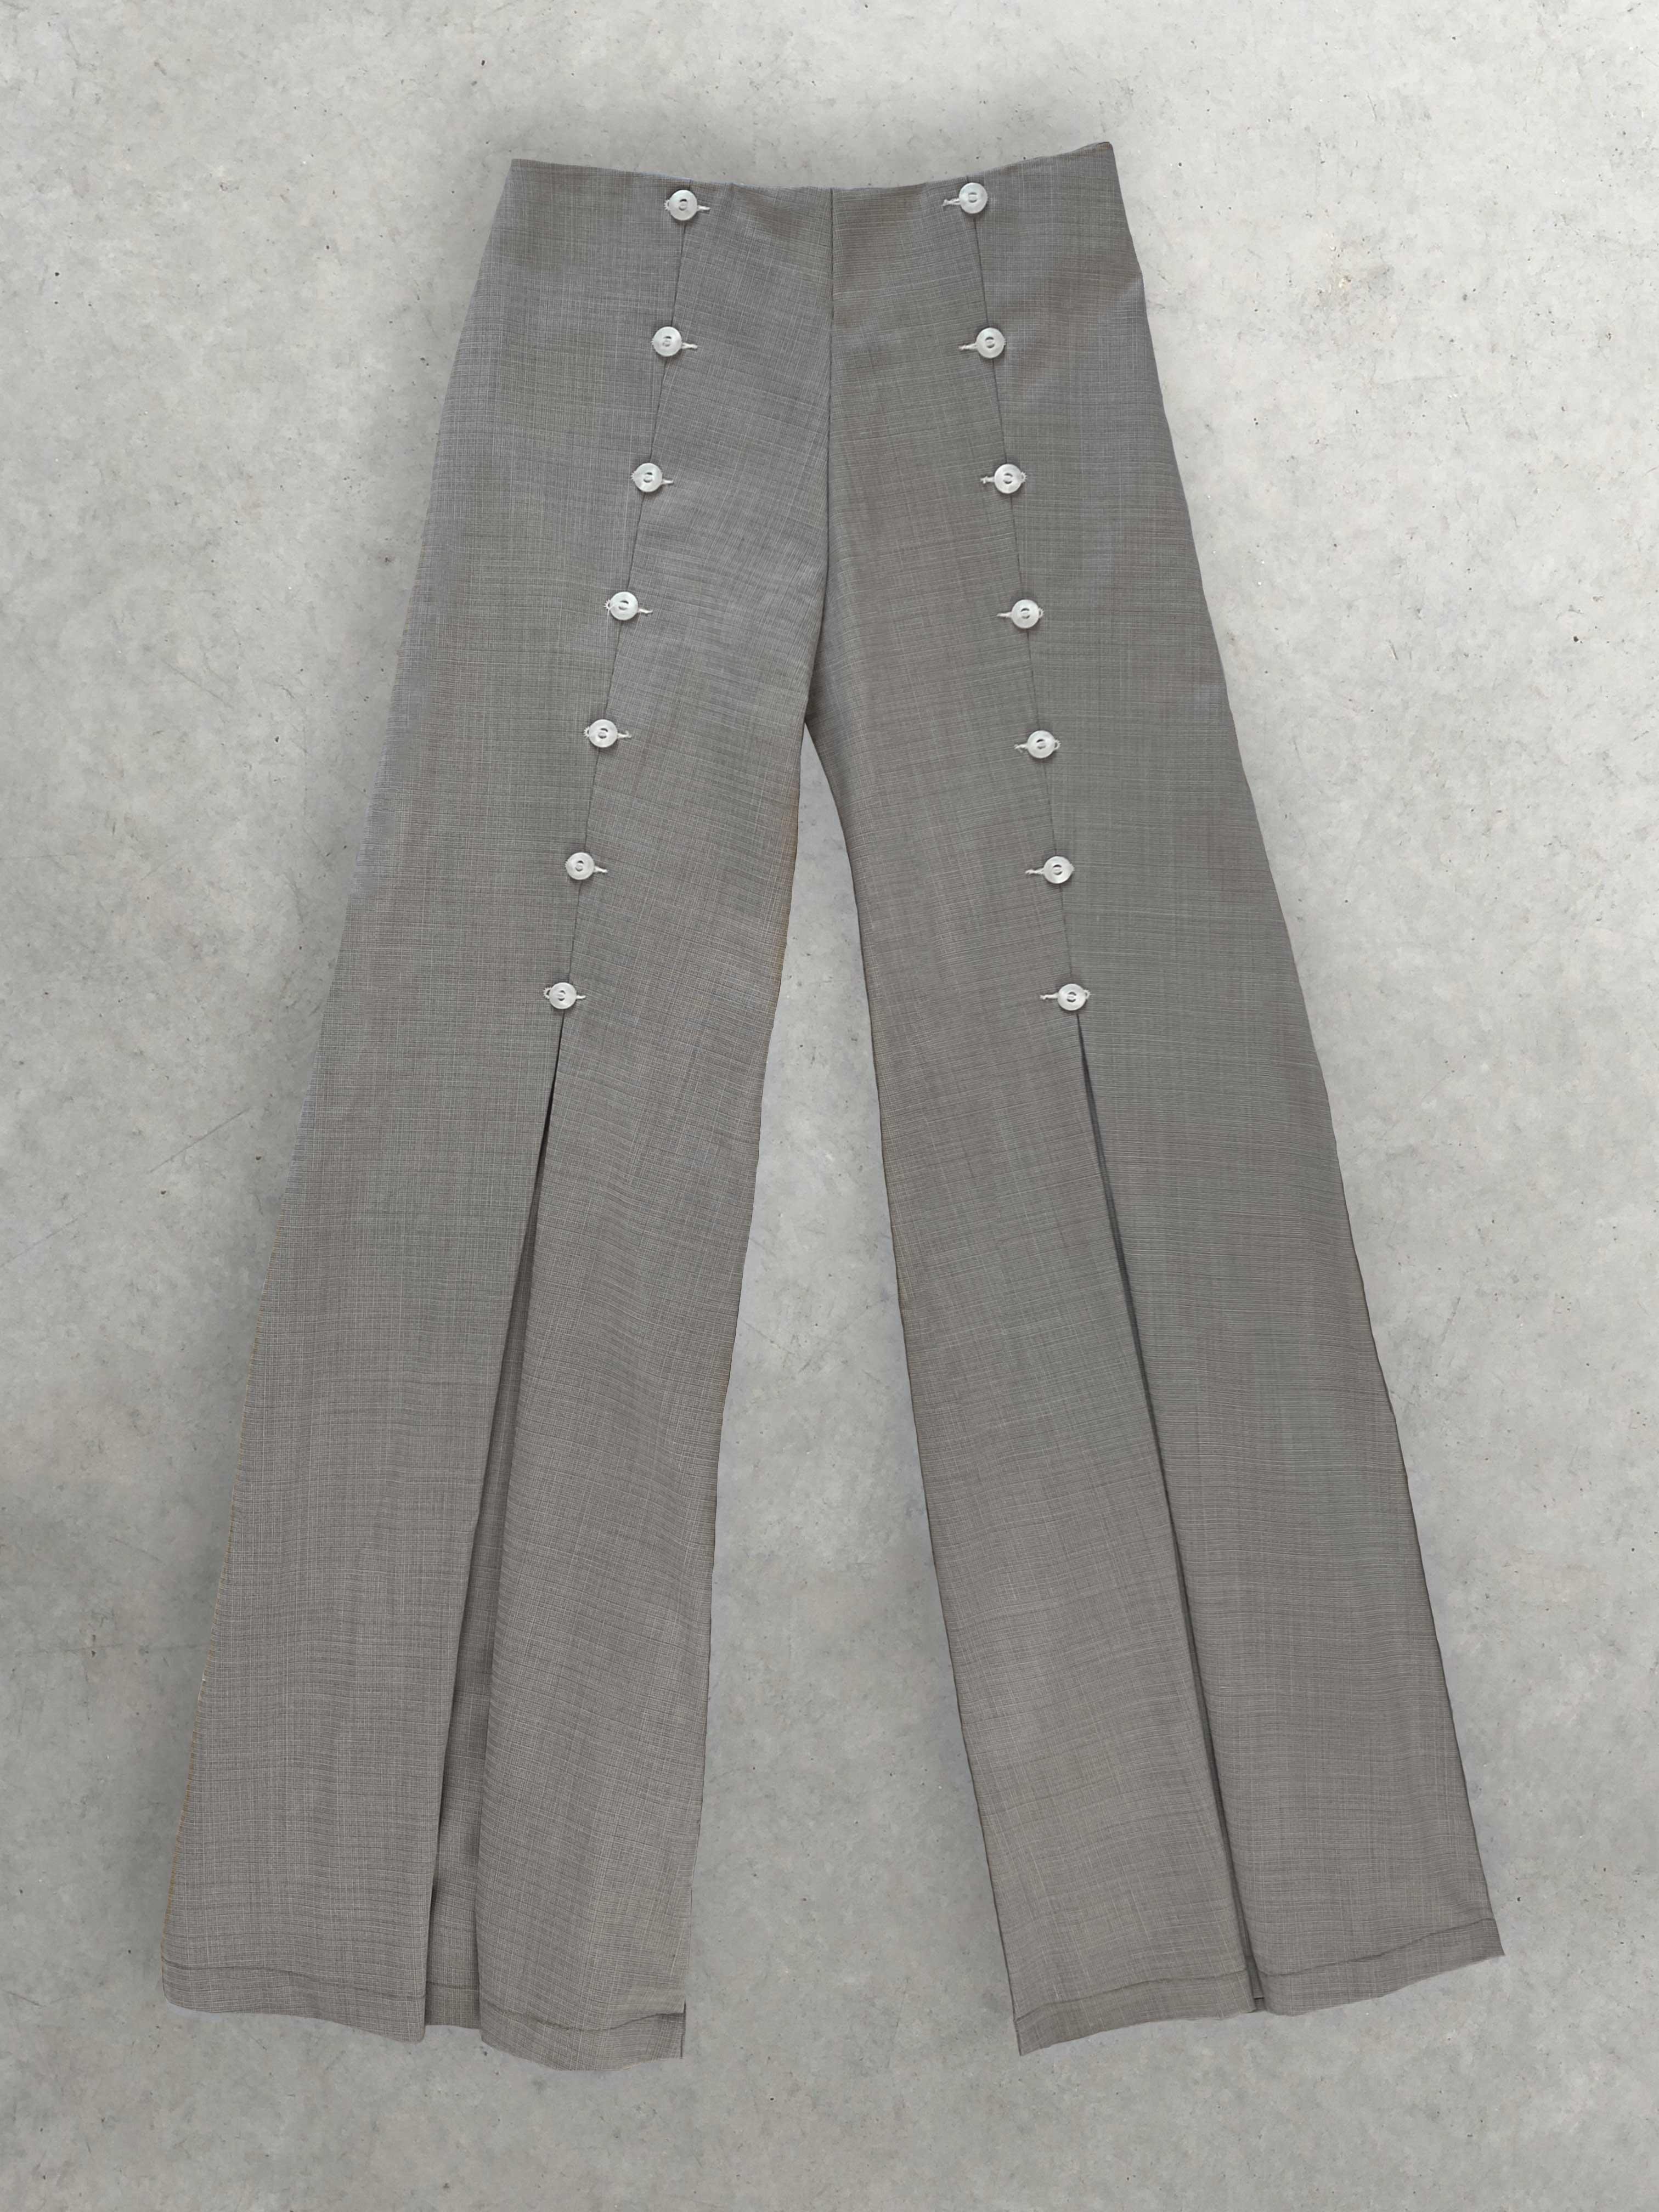 Packshot de Pantalon Tailleur Moulant à Larges Pinces par la marque salut beauté